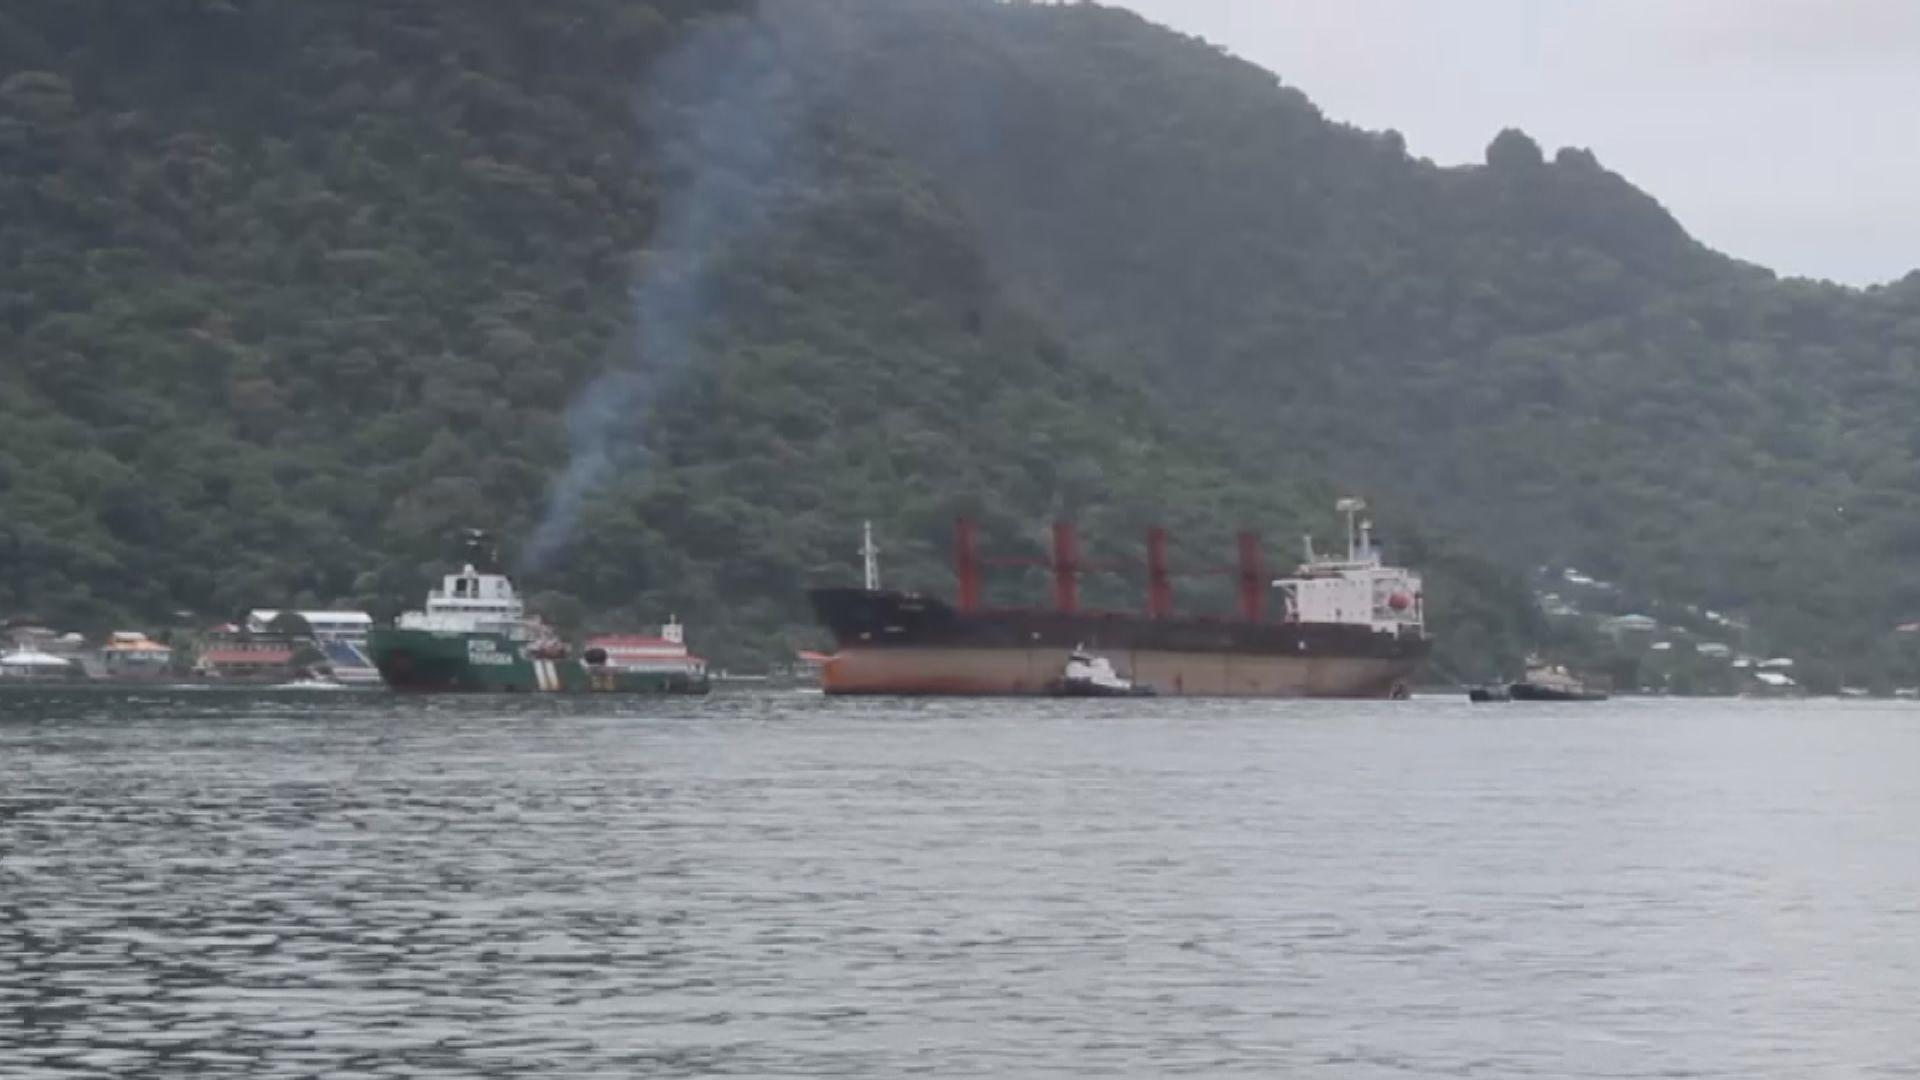 美:將貨船駛去美屬薩摩亞因能確保其安全